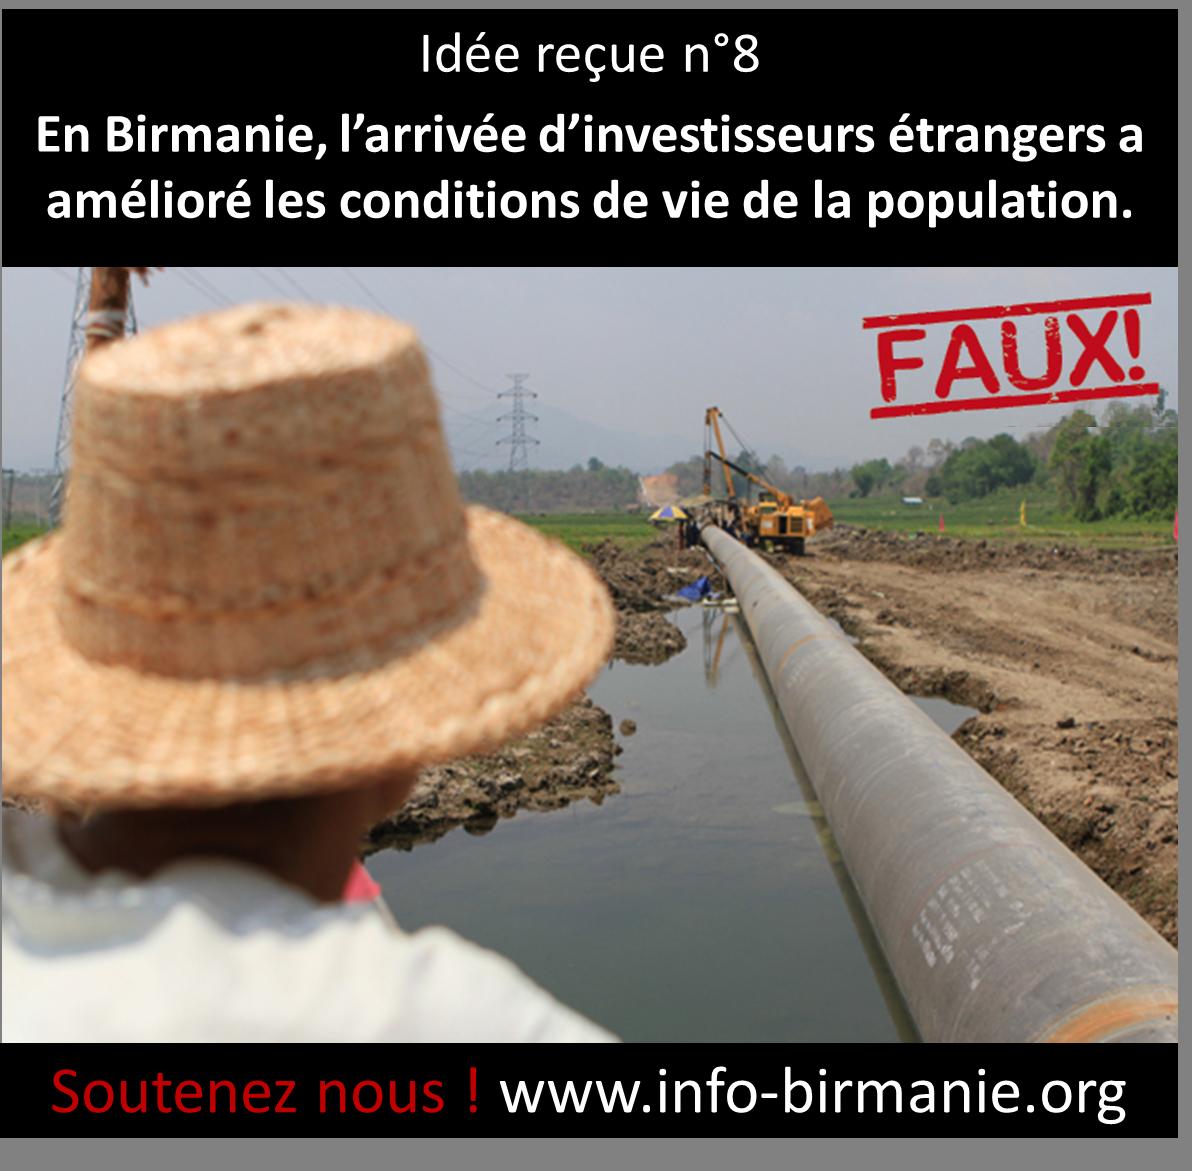 Idée reçue n°8: En Birmanie, l'arrivée d'investisseurs étrangers a amélioré les conditions de vie de la population